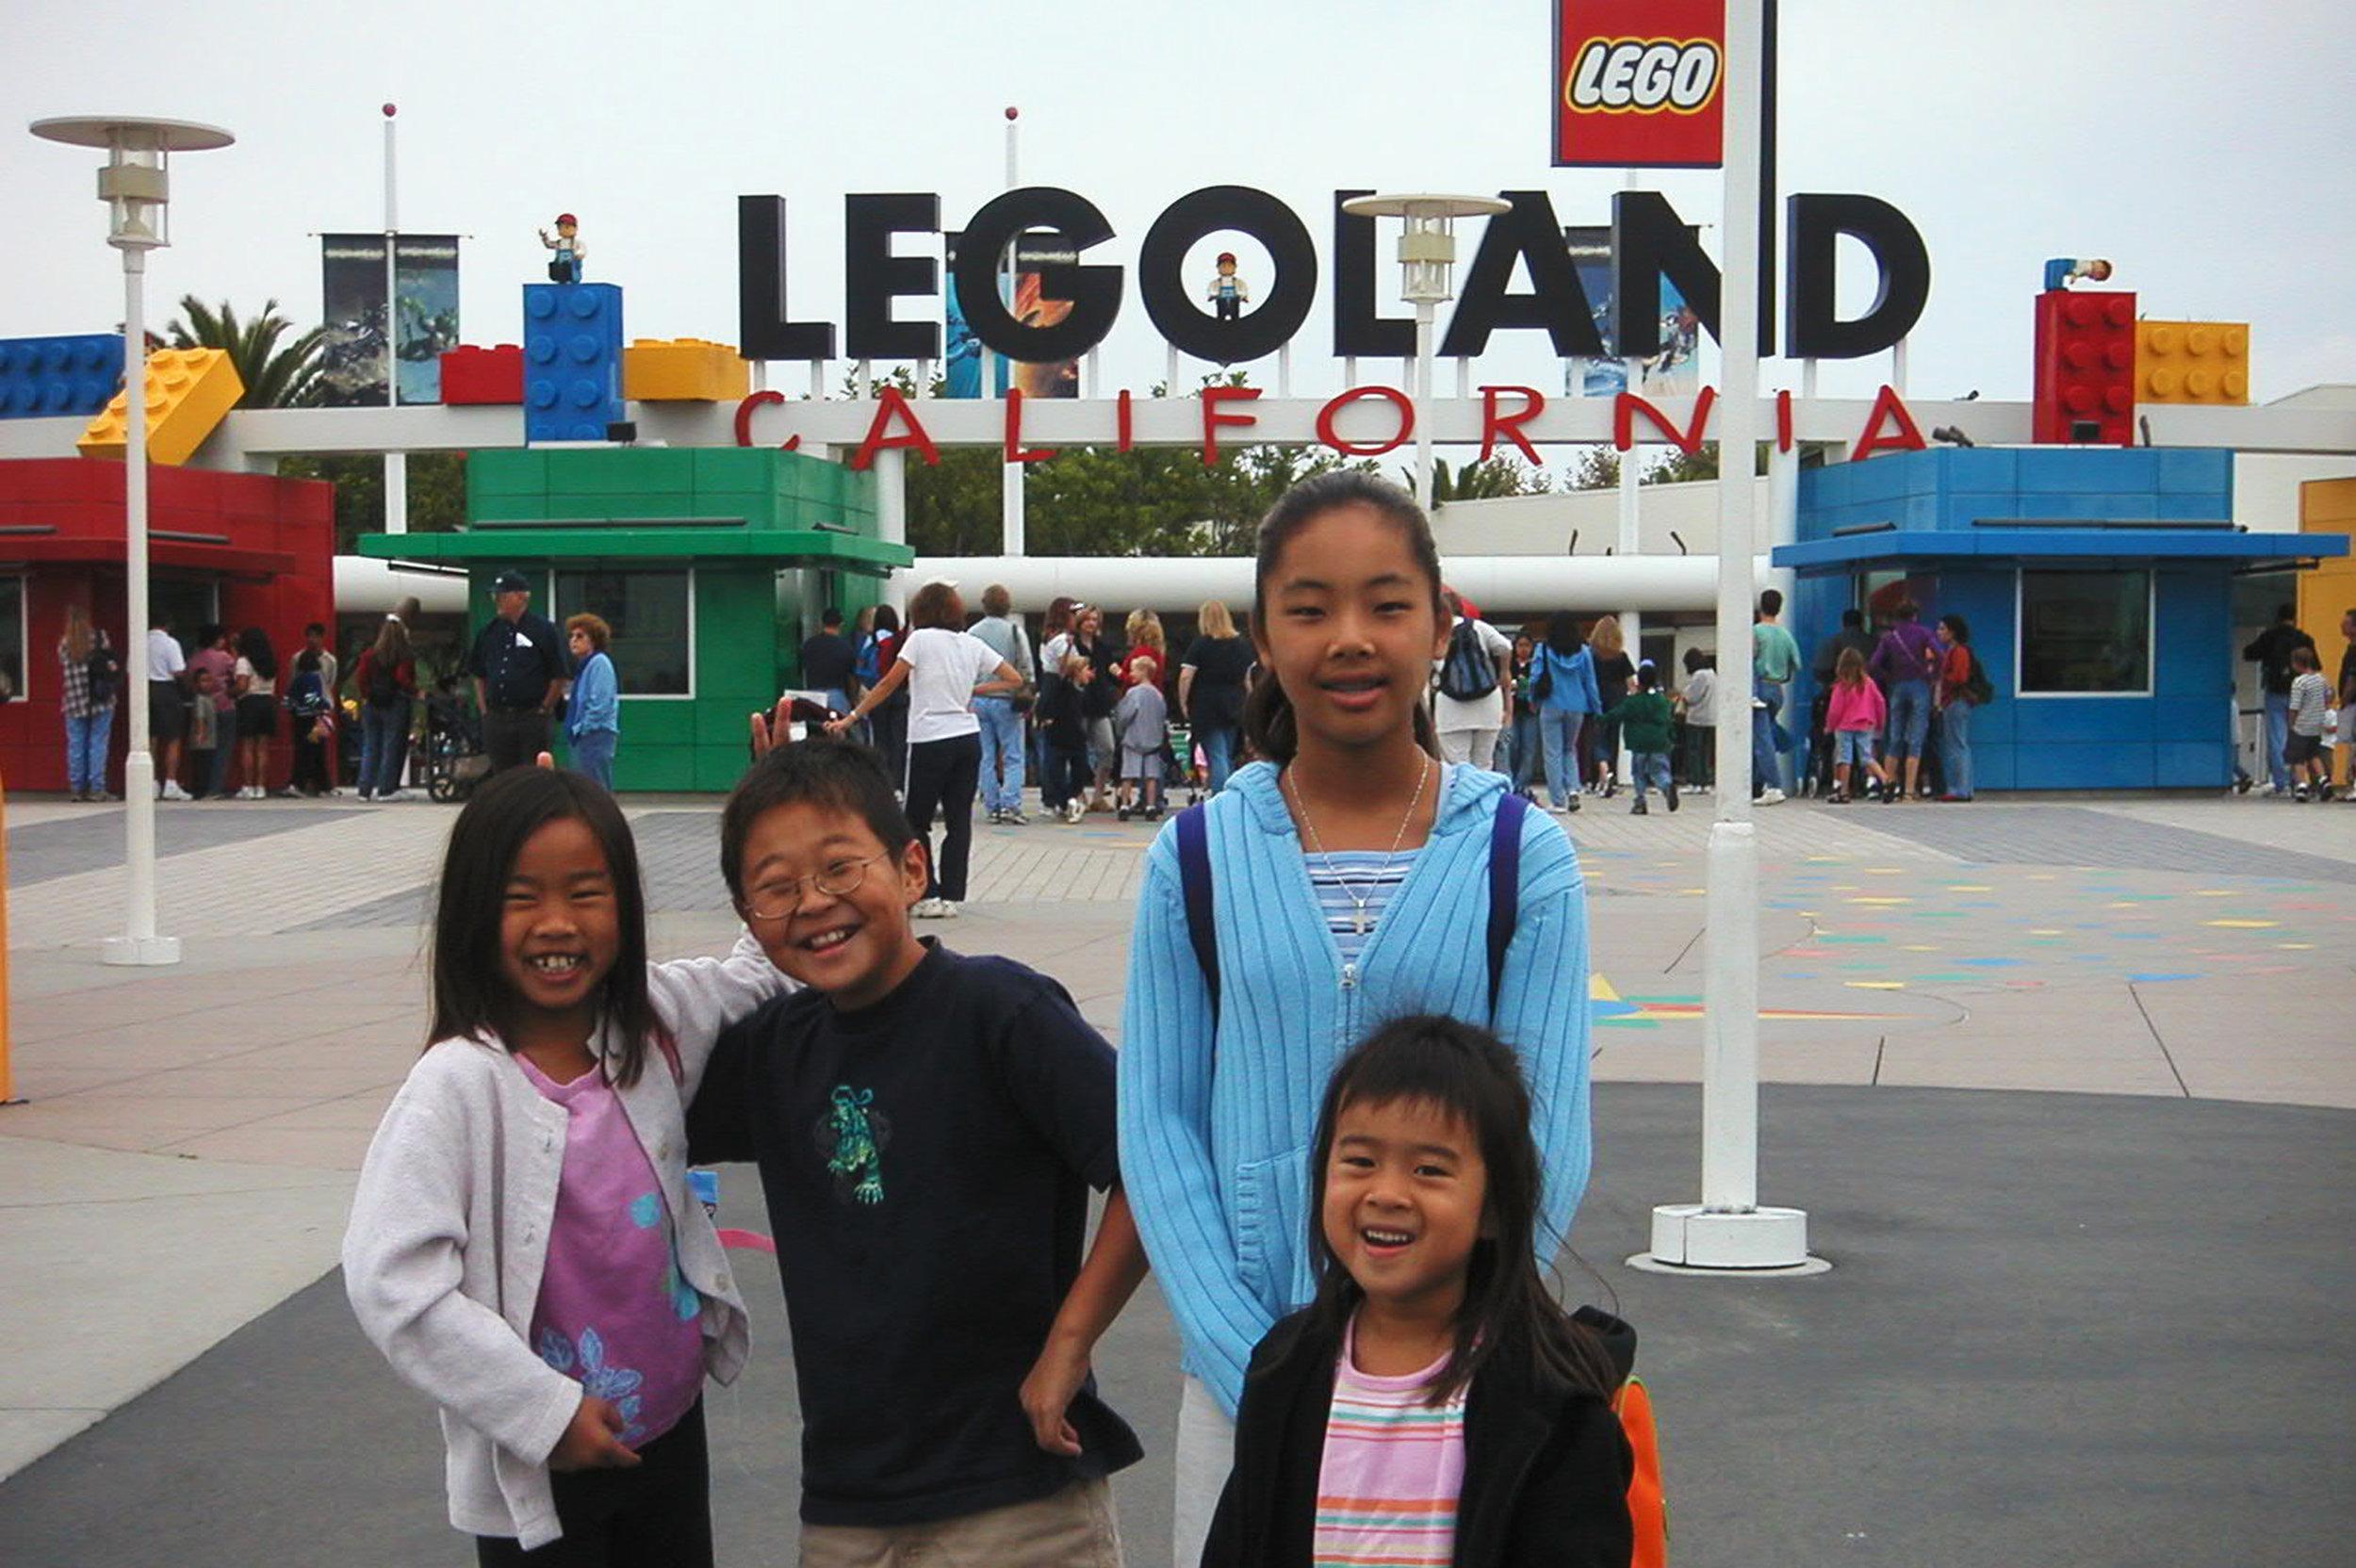 Legoland, c. 2002